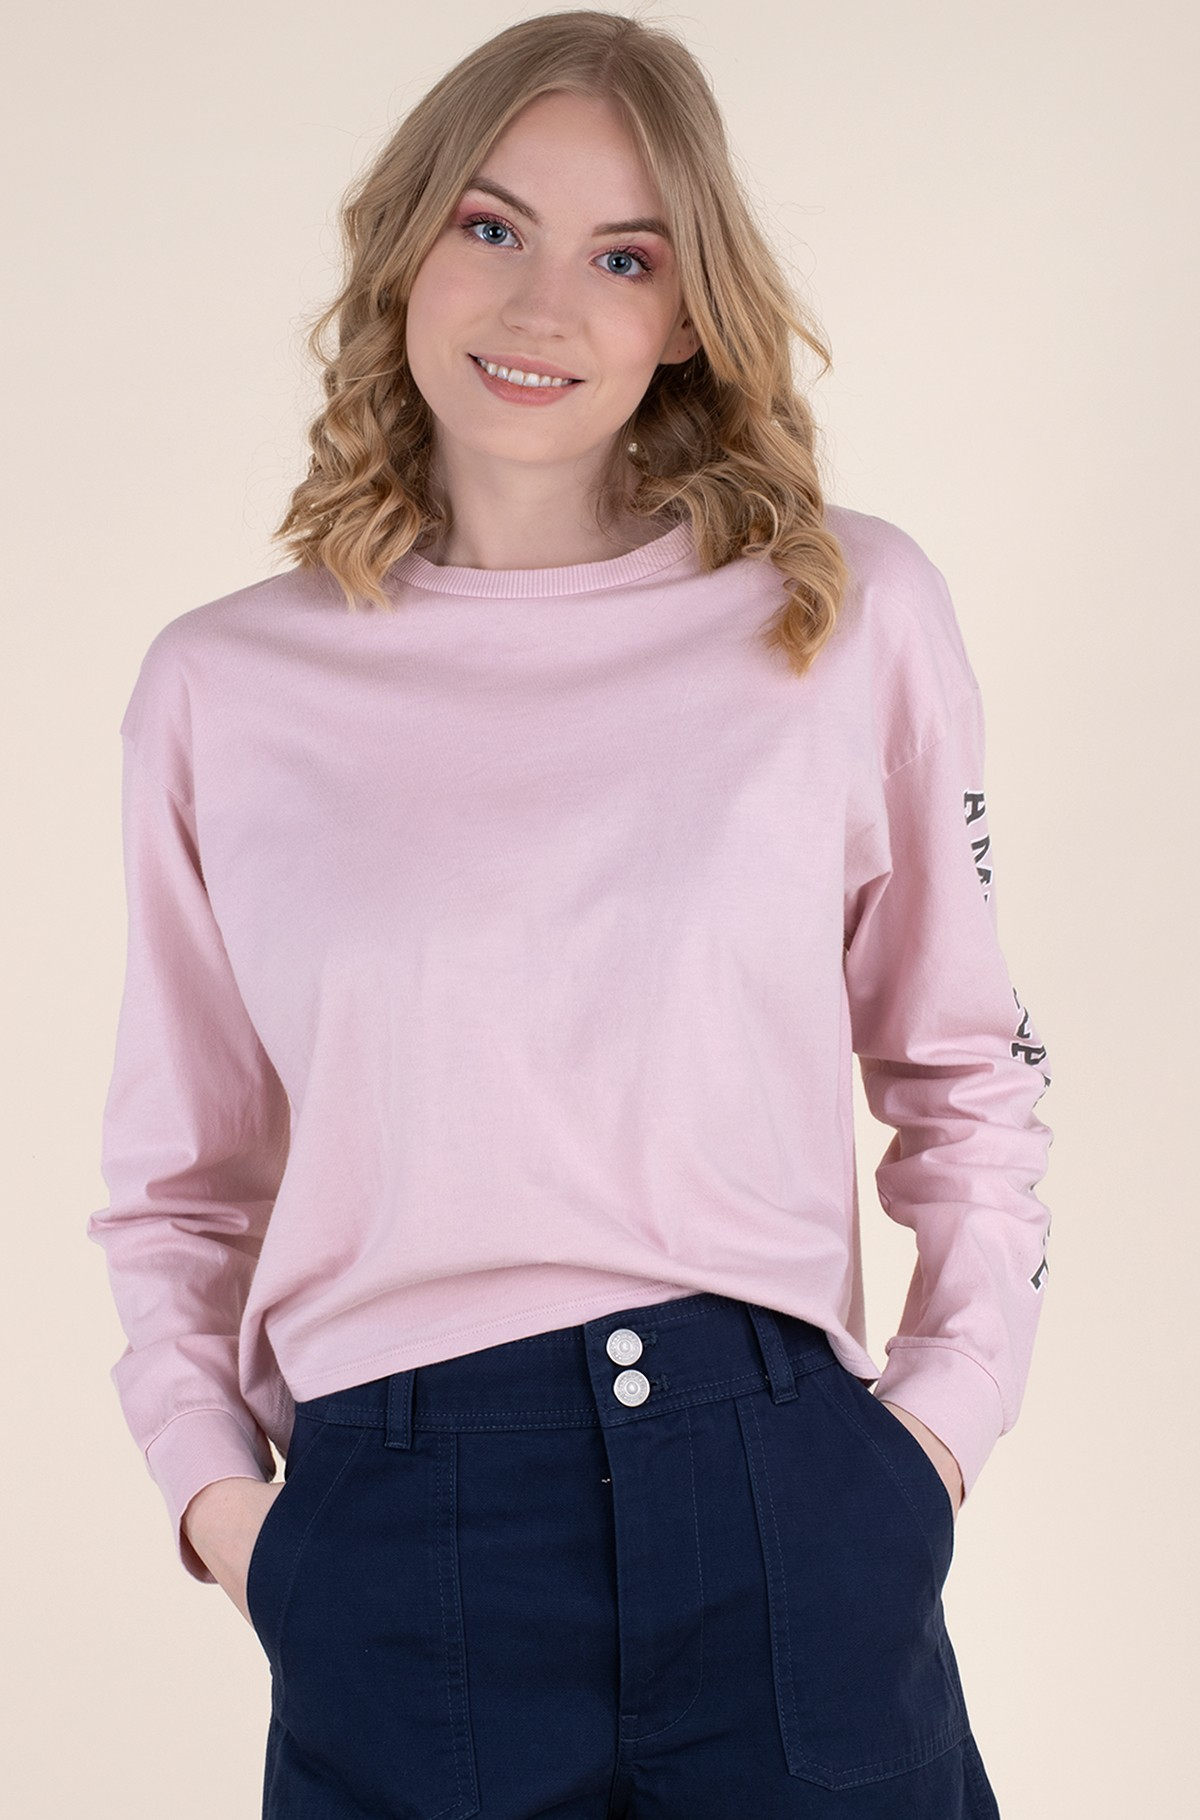 T-krekls ar garām piedurknēm  030-1305-9904-full-1